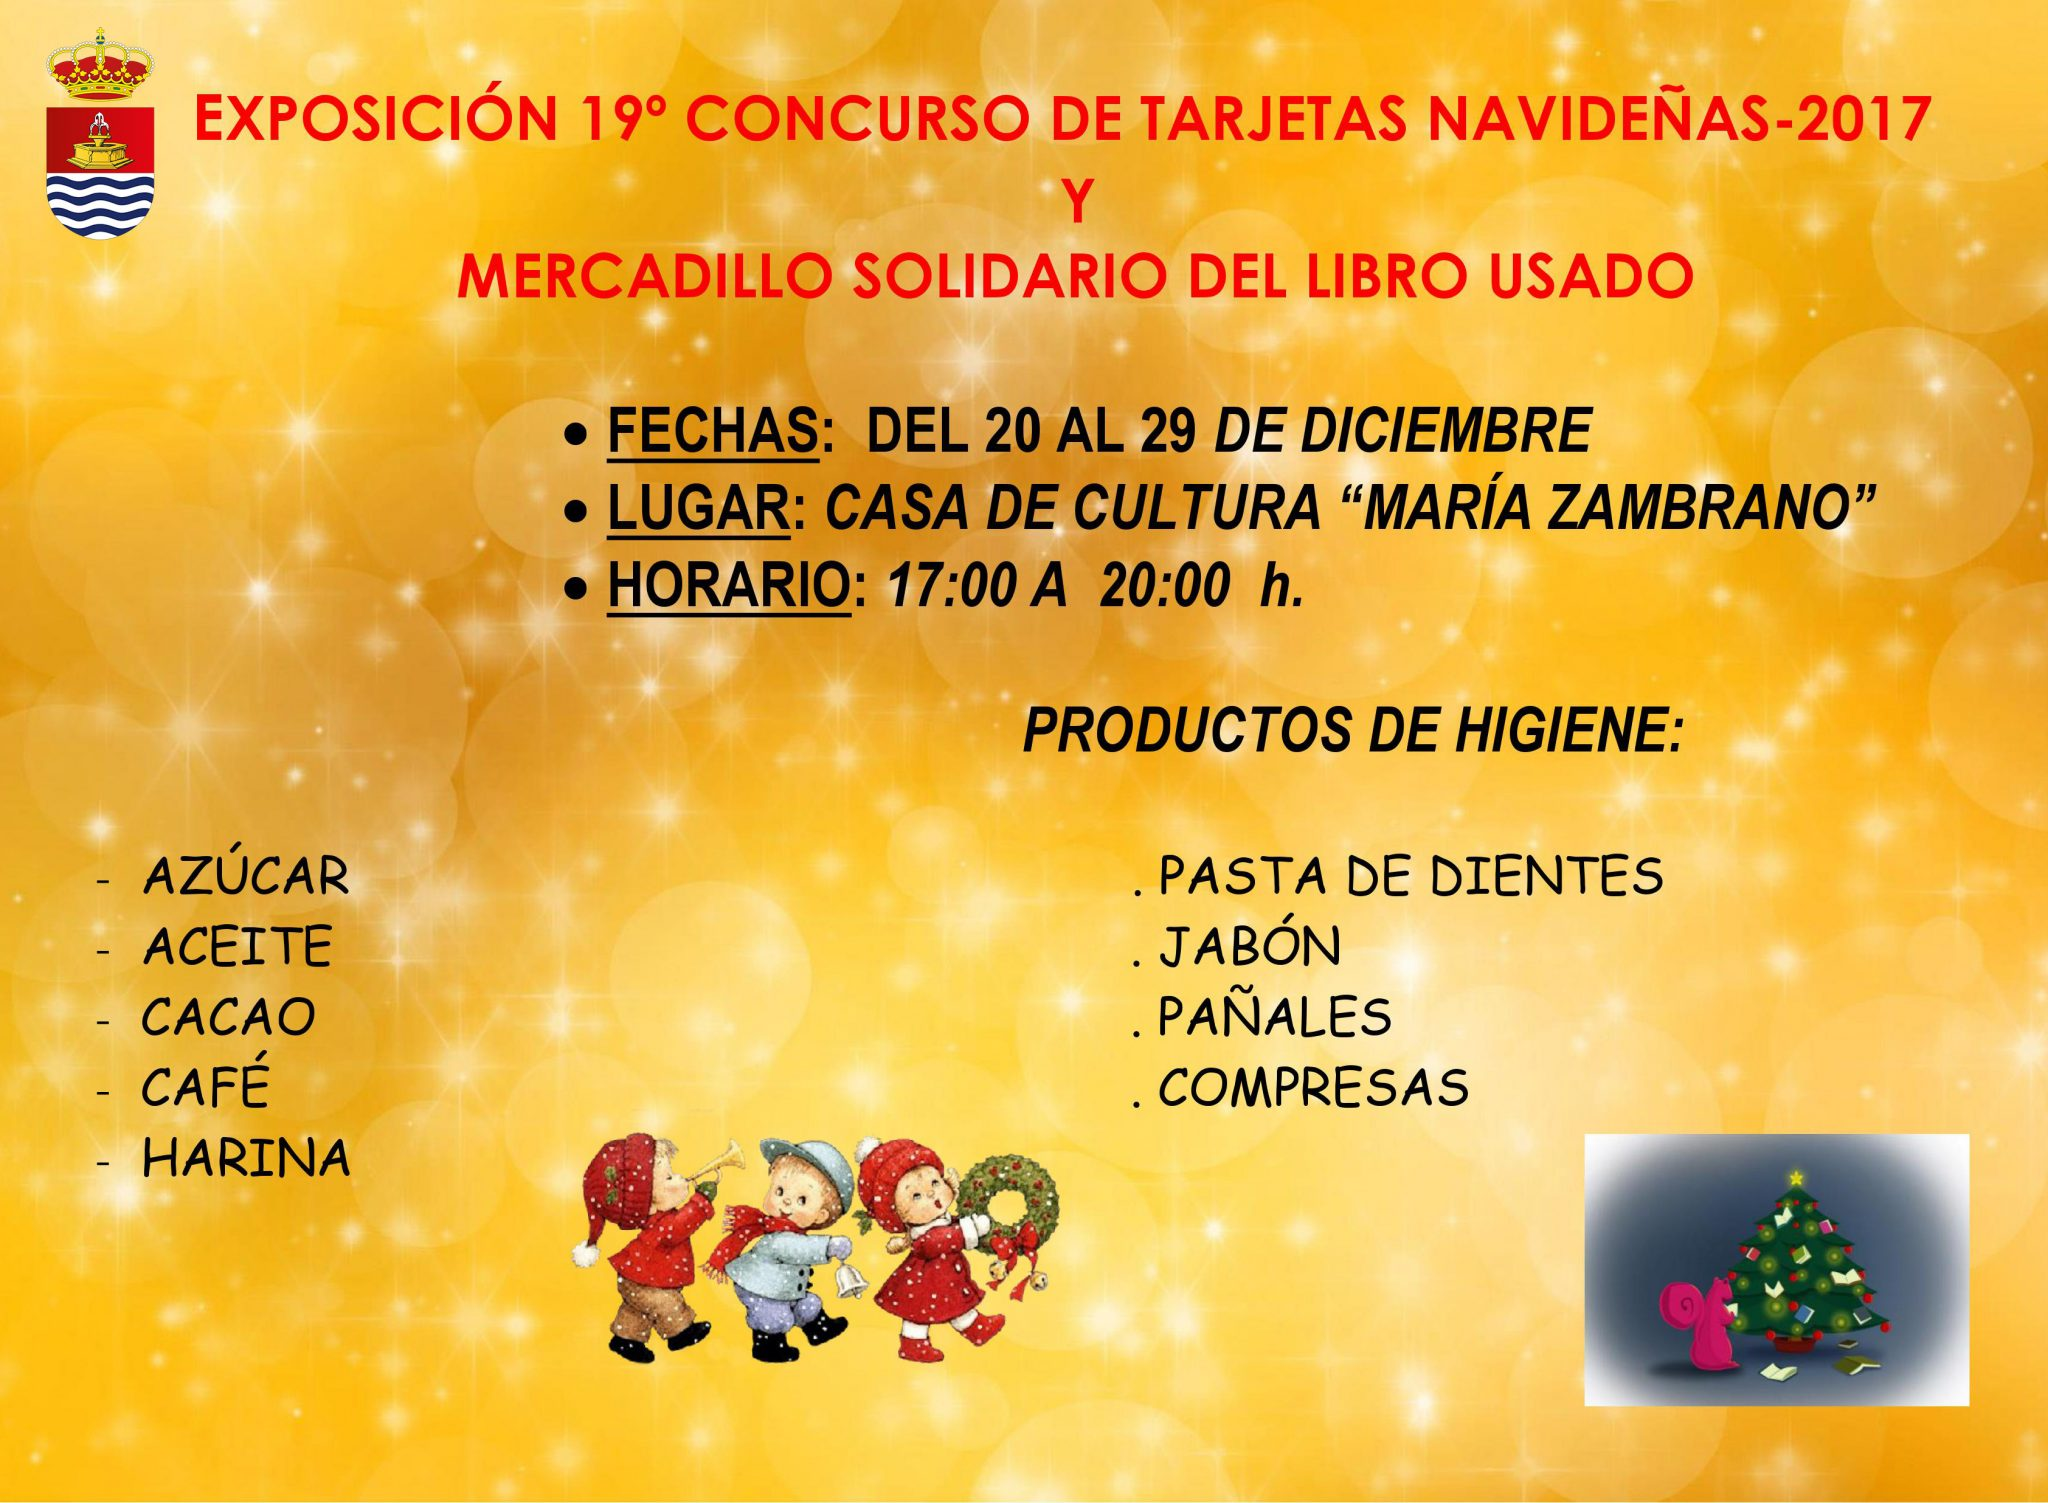 Exposición del 19º Concurso de Tarjetas Navideñas y Mercadillo Solidario del Libro Usado